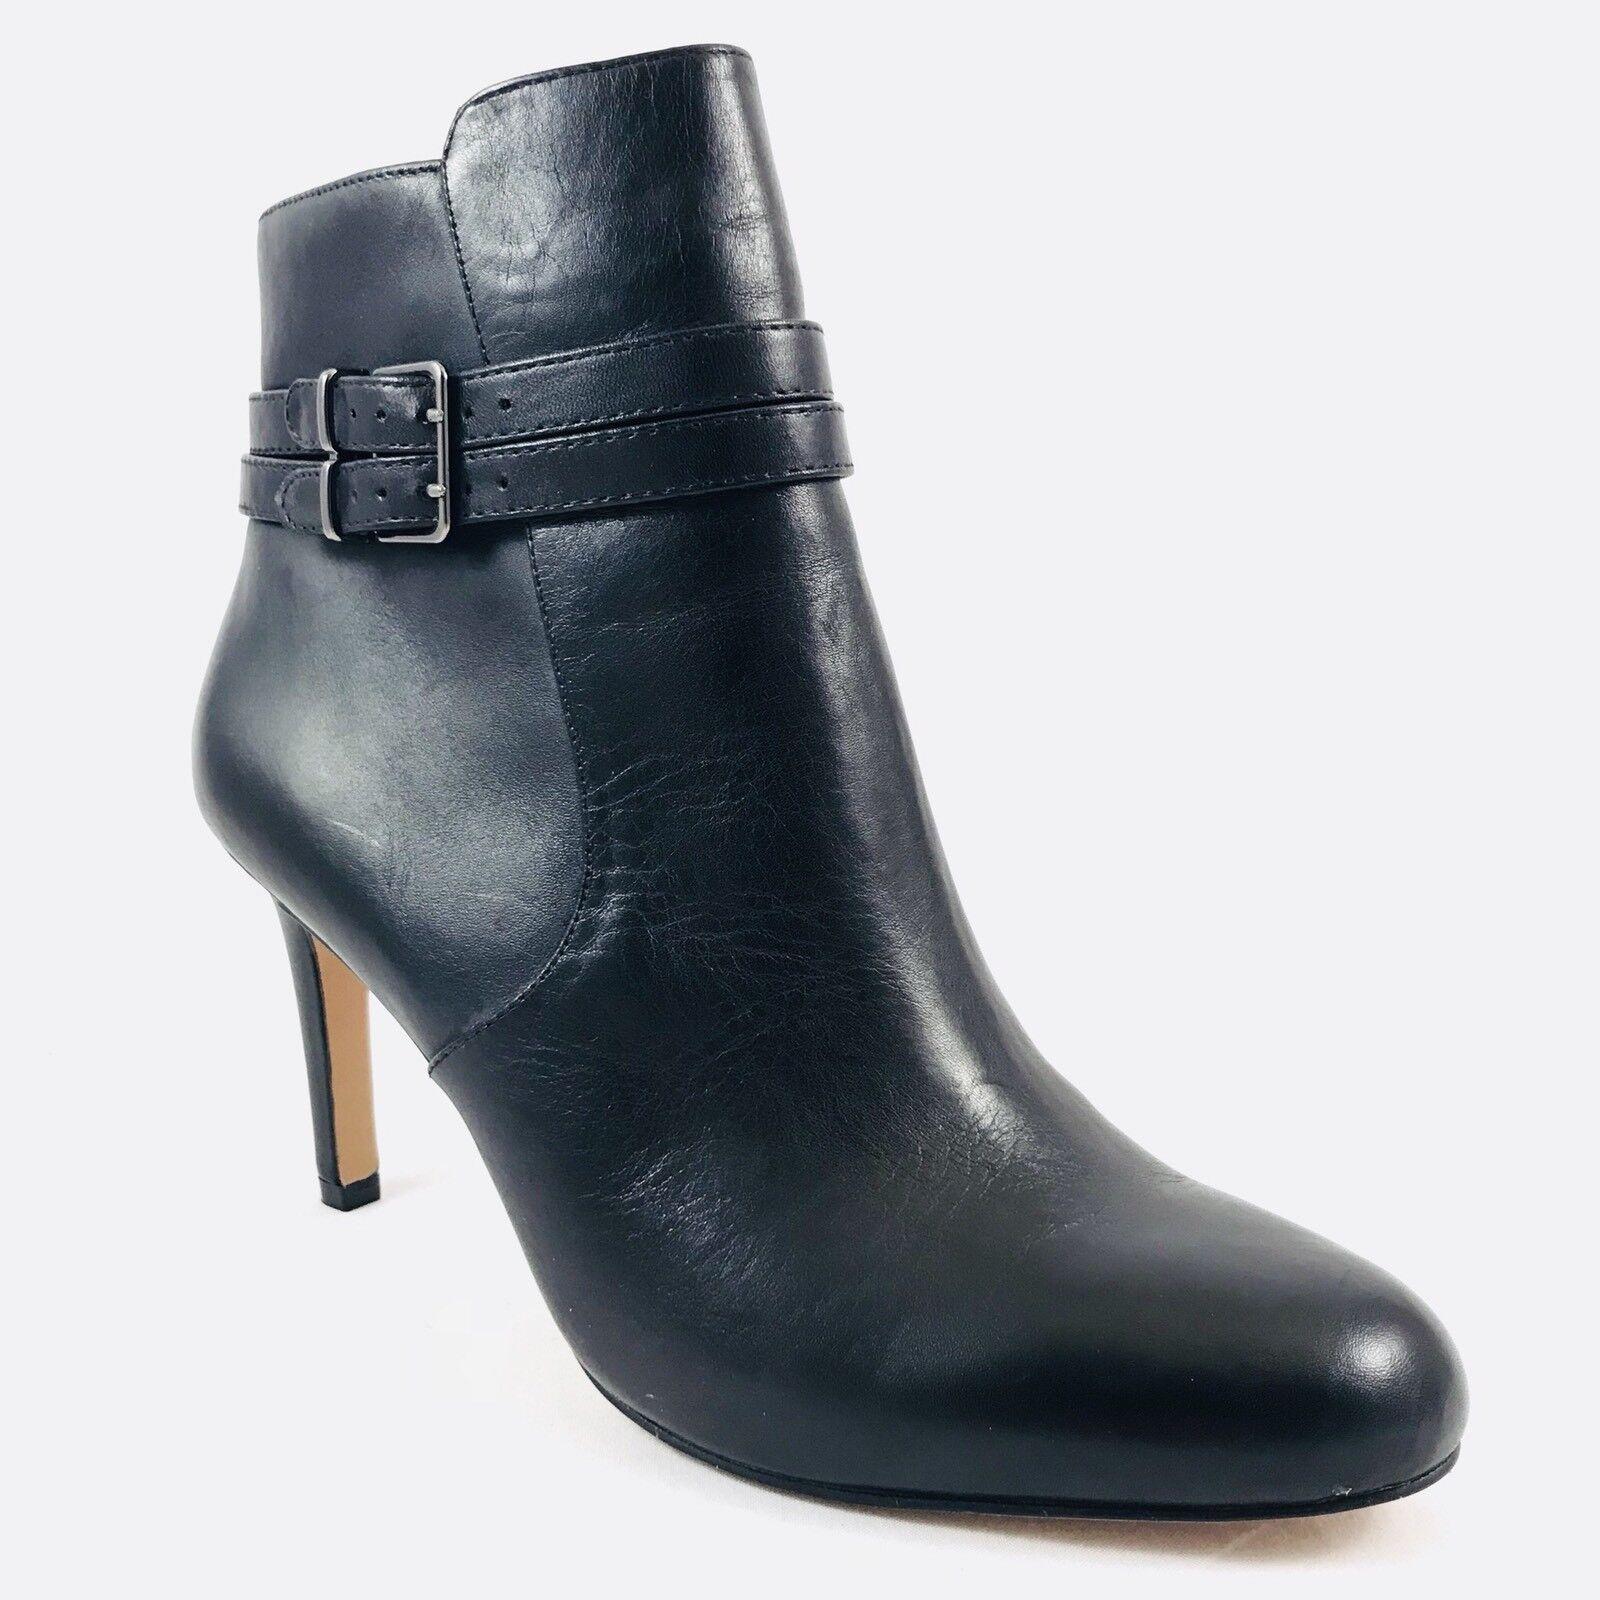 marche online vendita a basso costo Vince Camuto Colins nero Leather Leather Leather Ankle avvioies donna Dimensione 8.5 NIB  alla moda